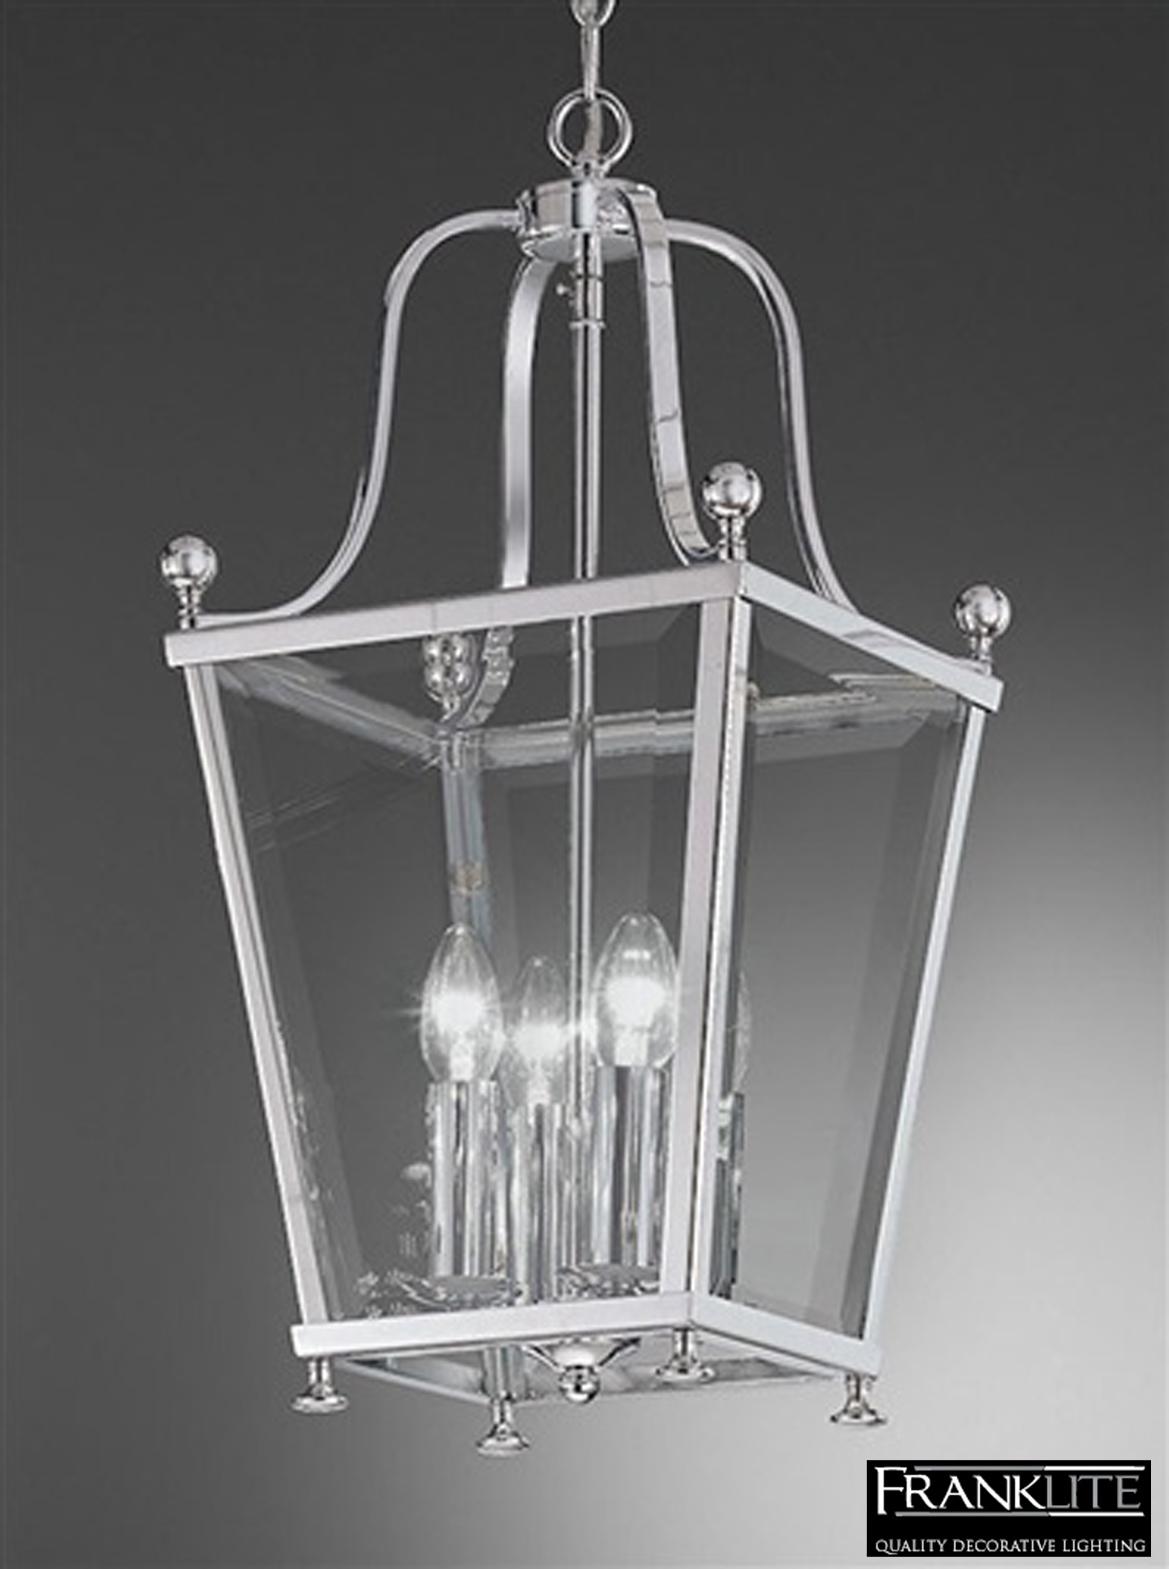 Franklite atrio small 4 light chrome lantern pendant ceiling franklite atrio small 4 light chrome lantern pendant ceiling fitting la70024 aloadofball Choice Image